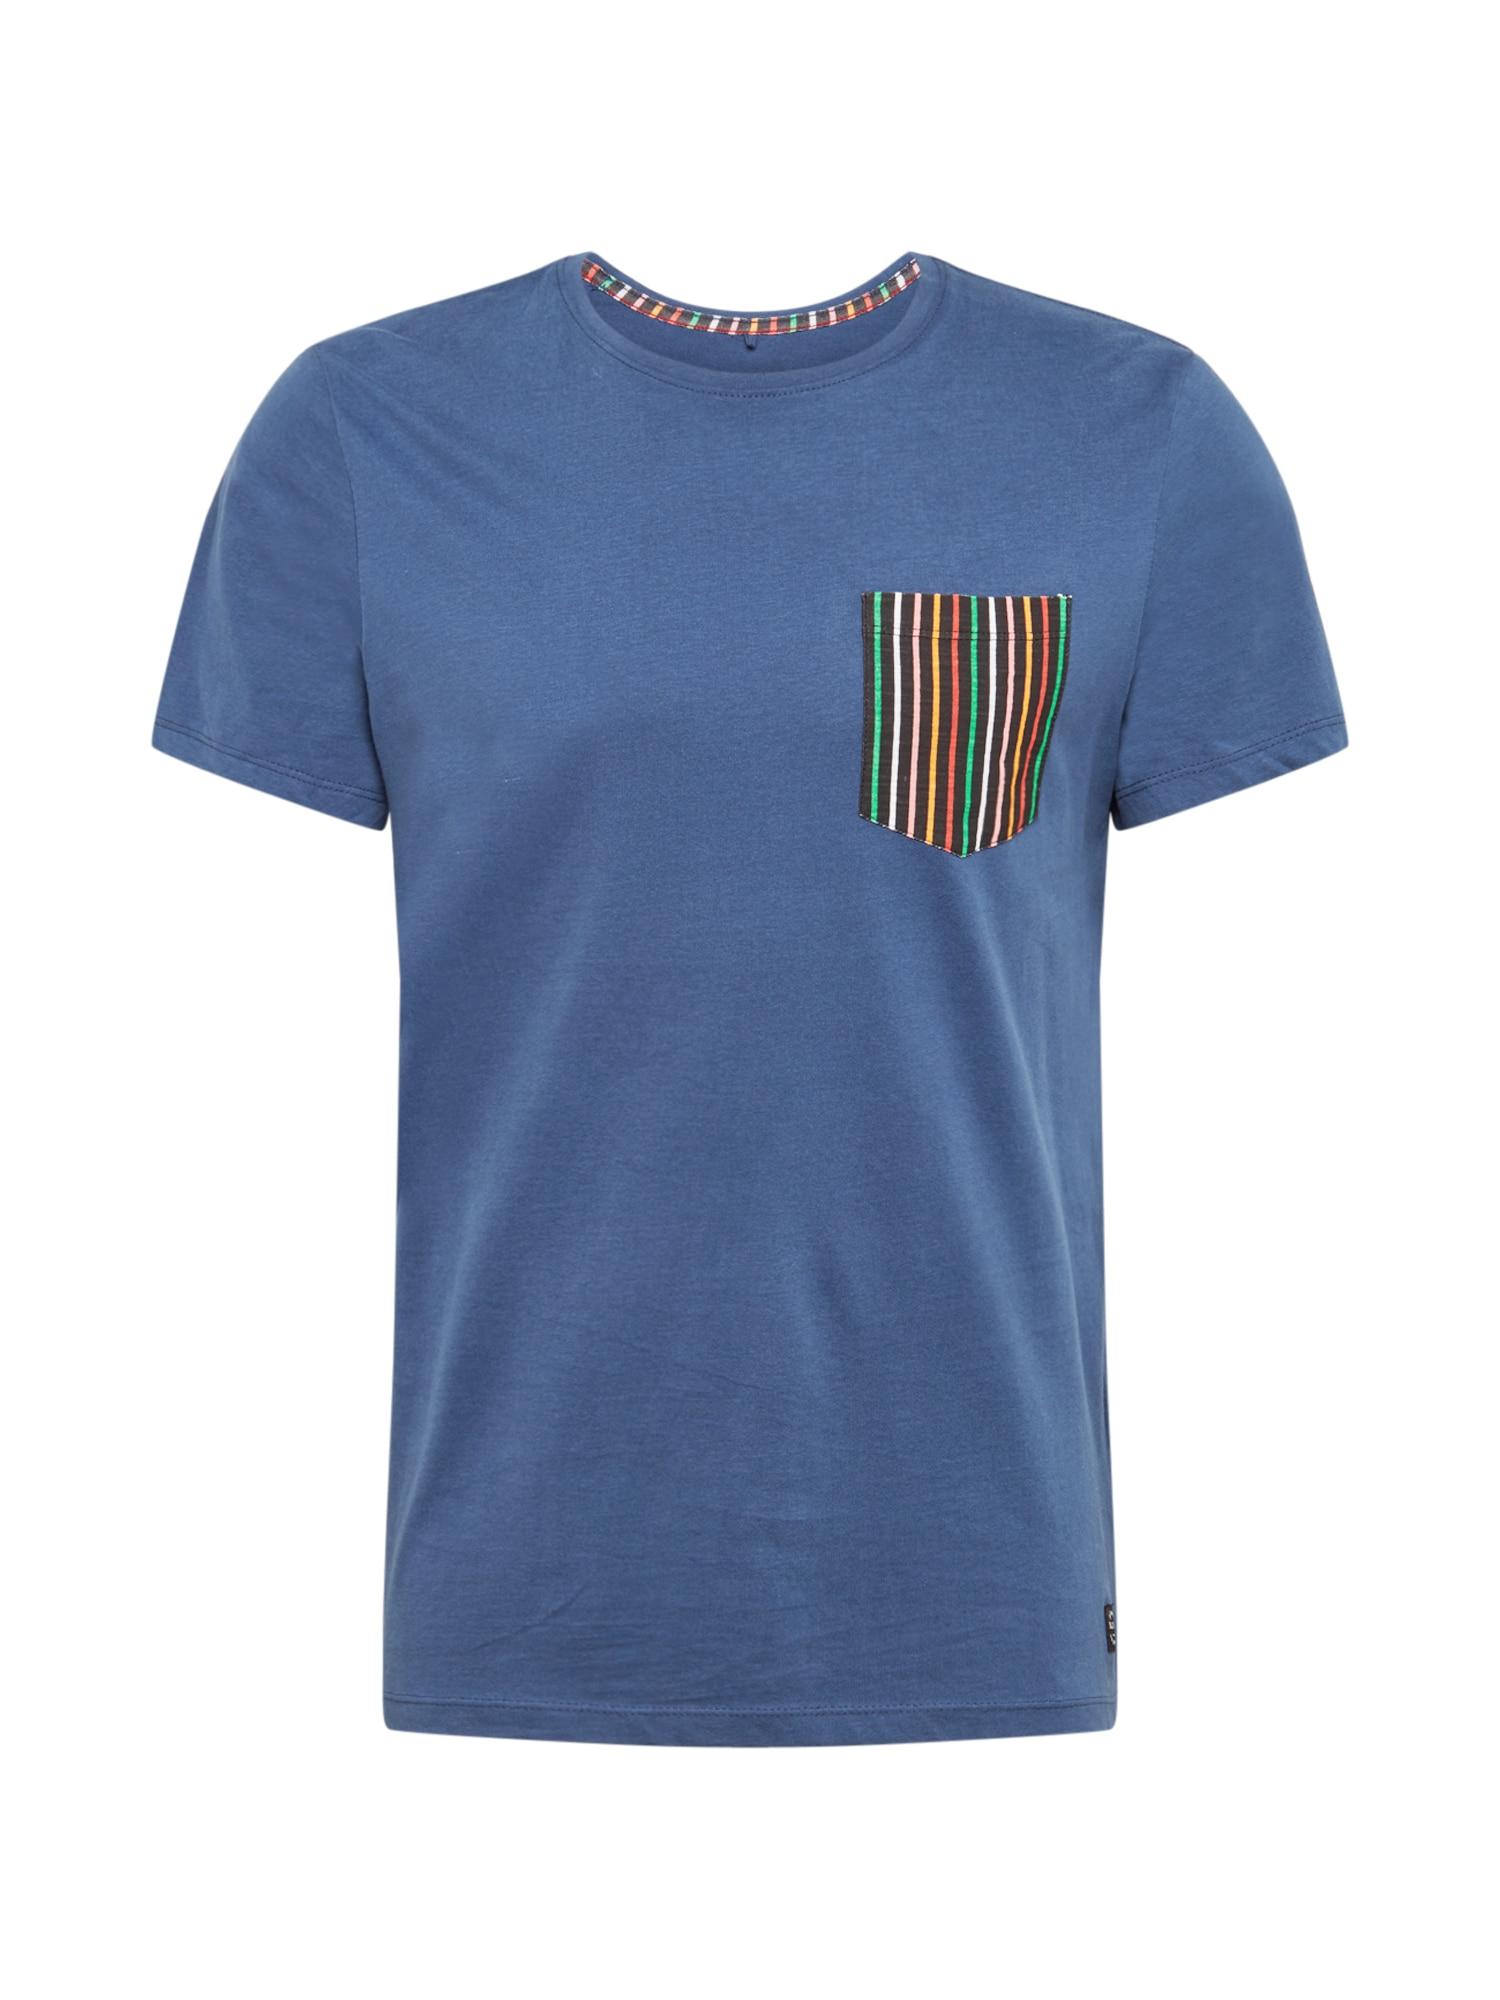 BLEND Marškinėliai 'Tee' mėlyna